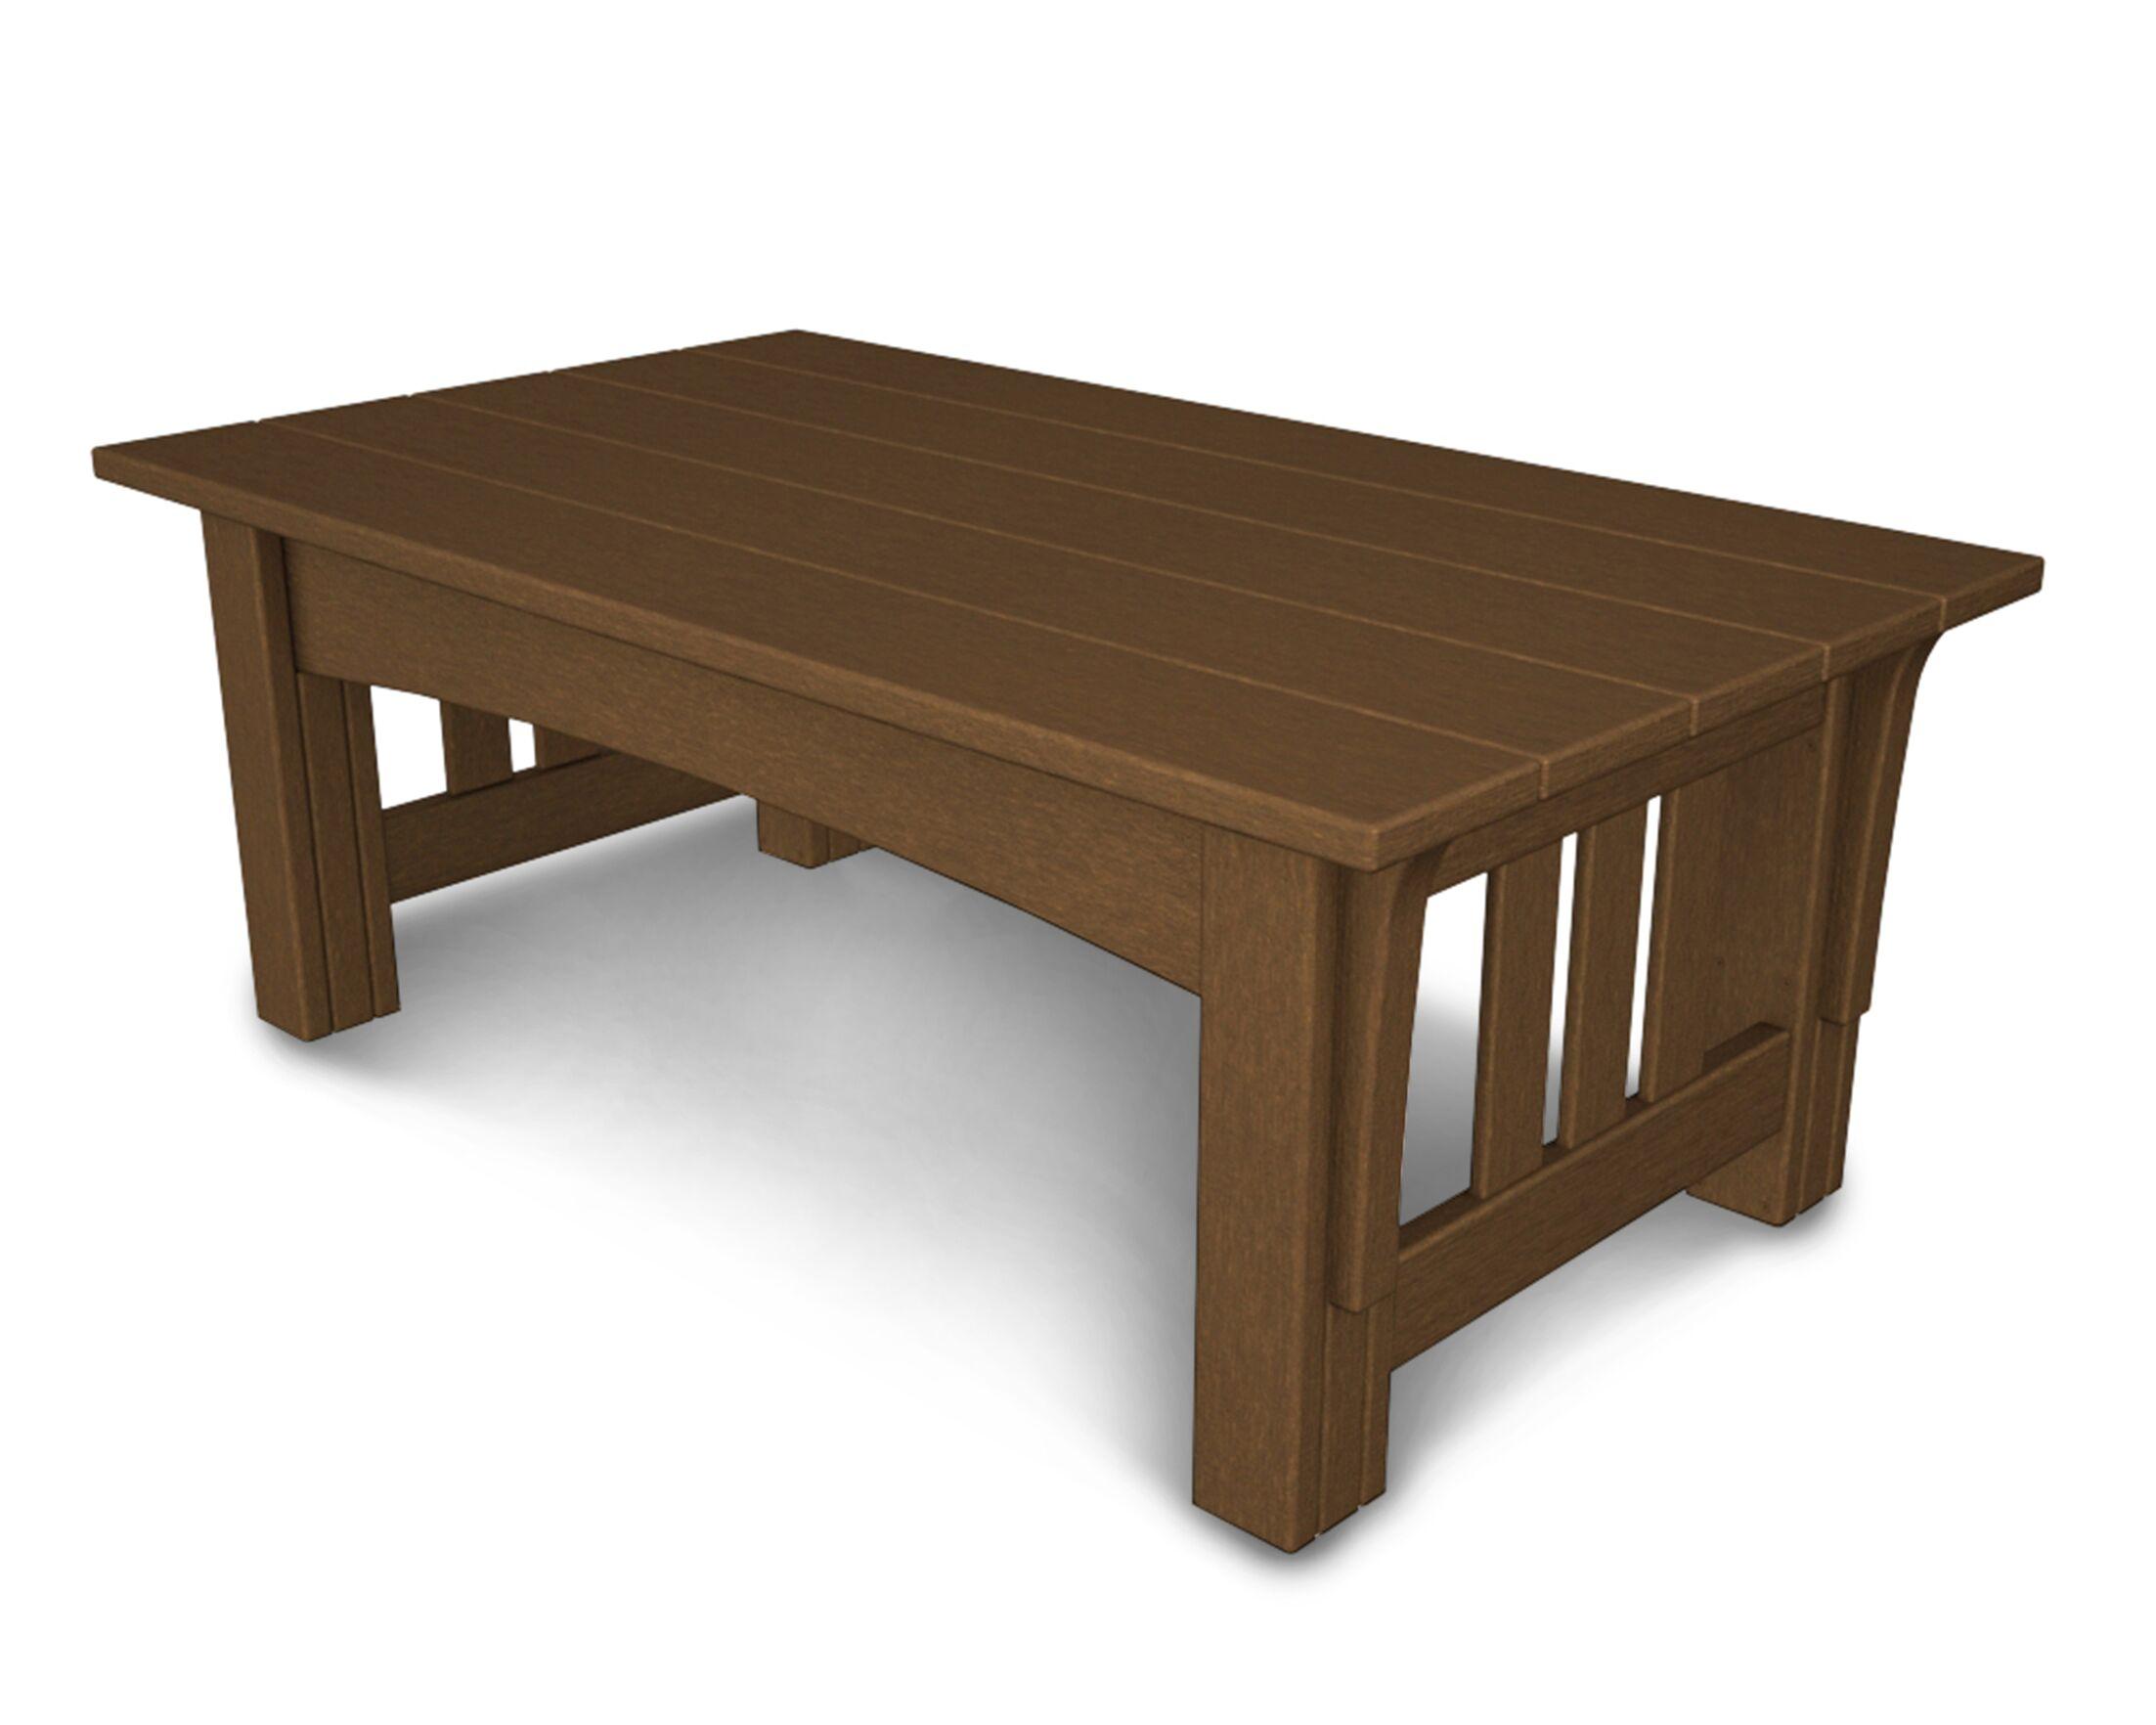 Mission Coffee Table Finish: Teak